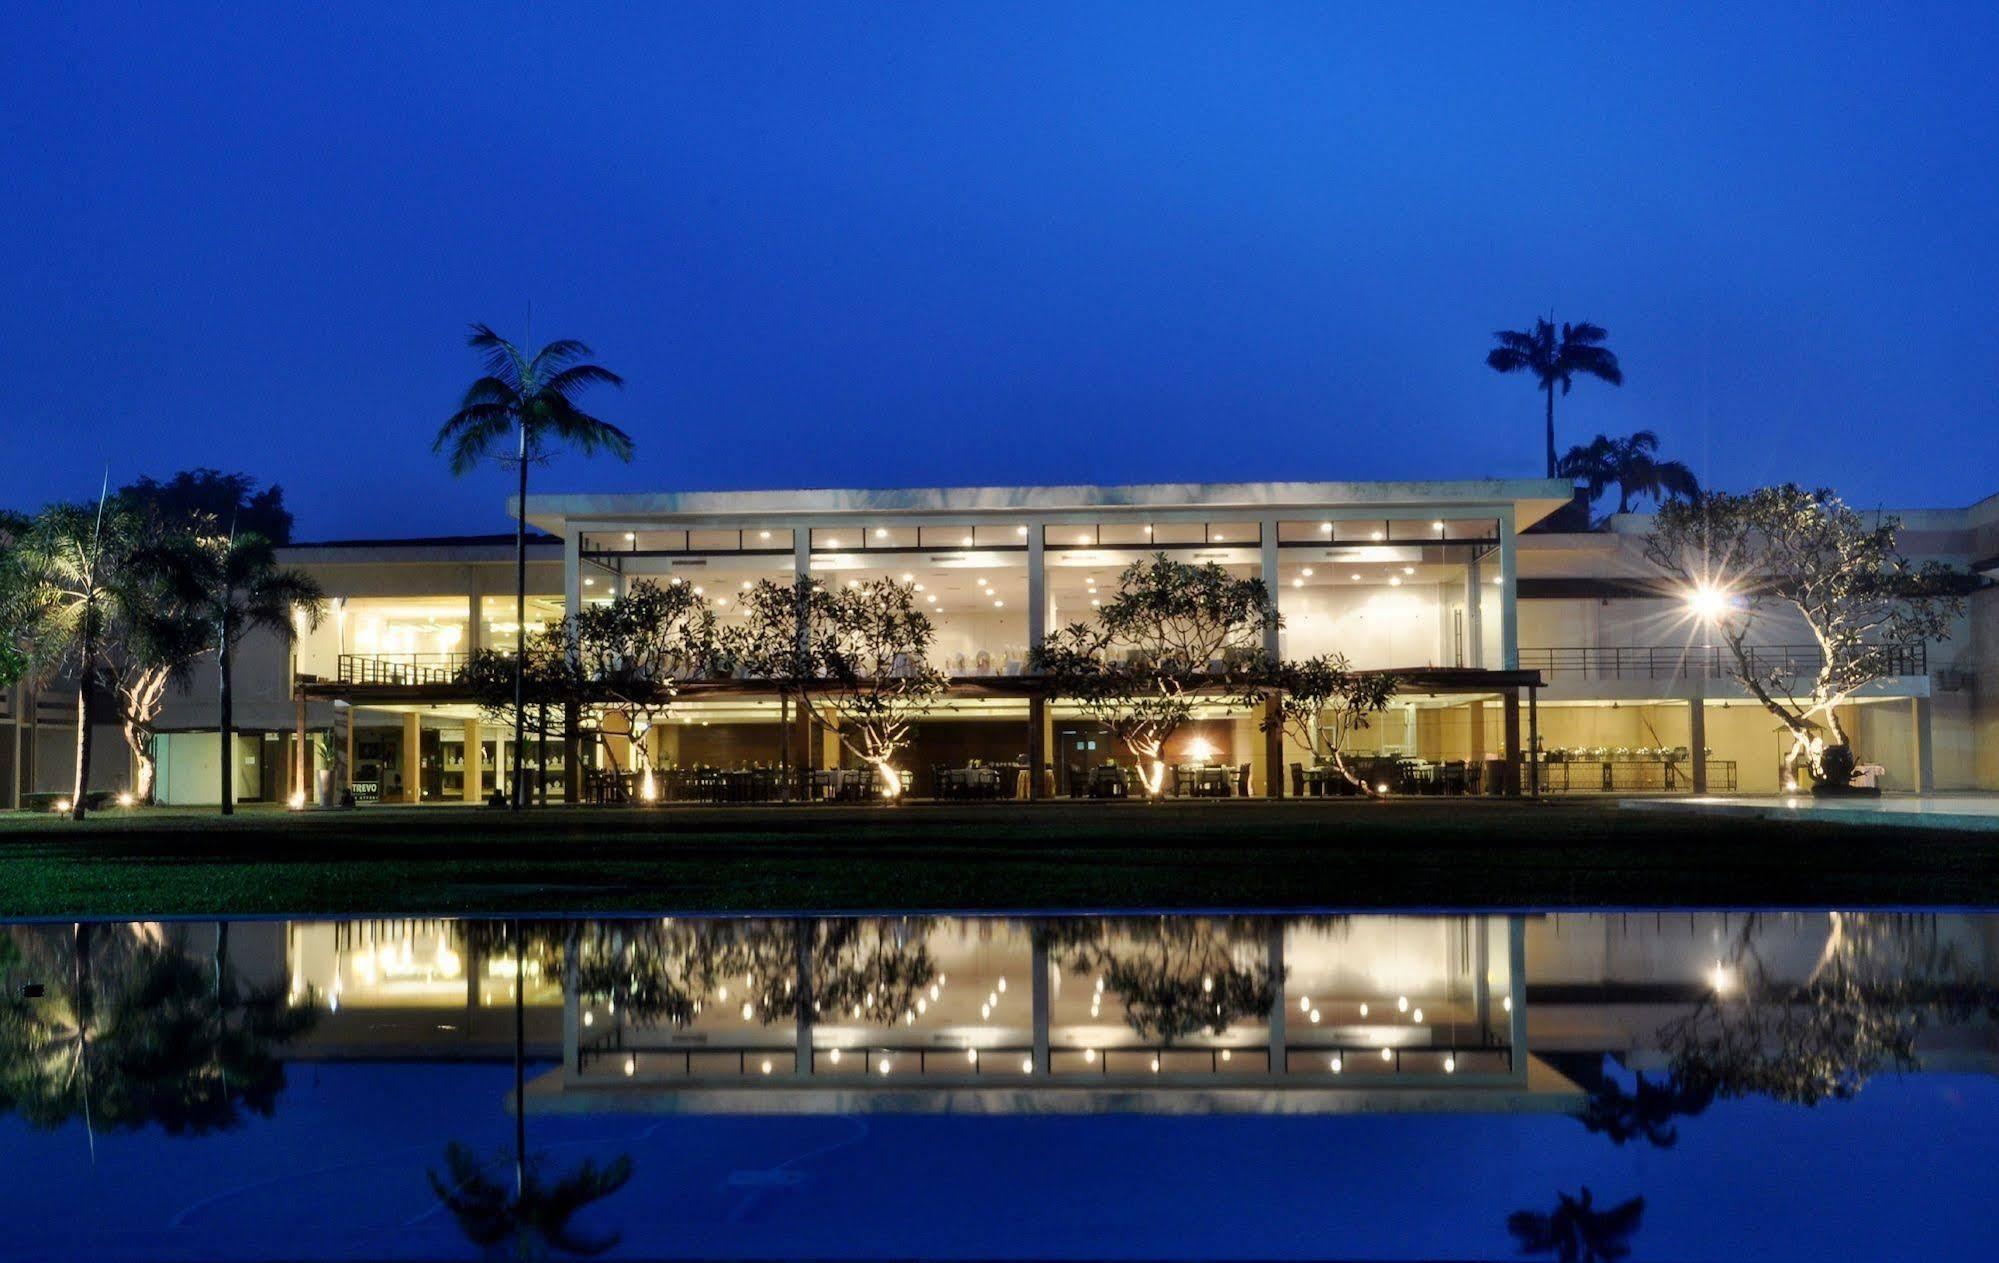 enorme verkoop nieuwe aankomst een grote verscheidenheid aan modellen Pegasus Reef Hotel